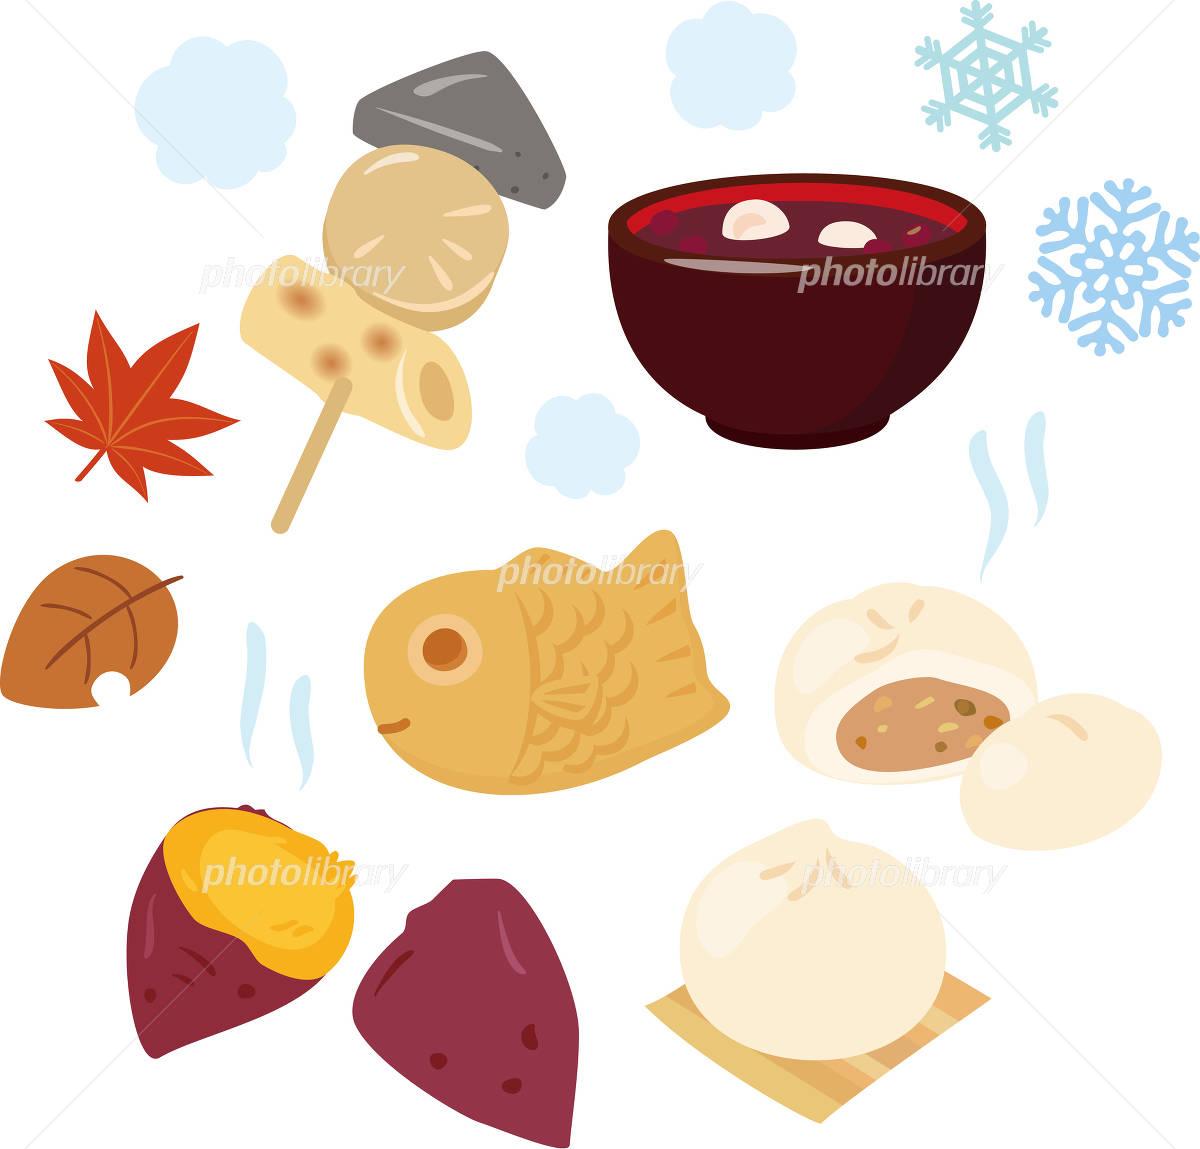 日本の冬の温かい食べ物 イラスト素材 2846432 フォトライブラリー